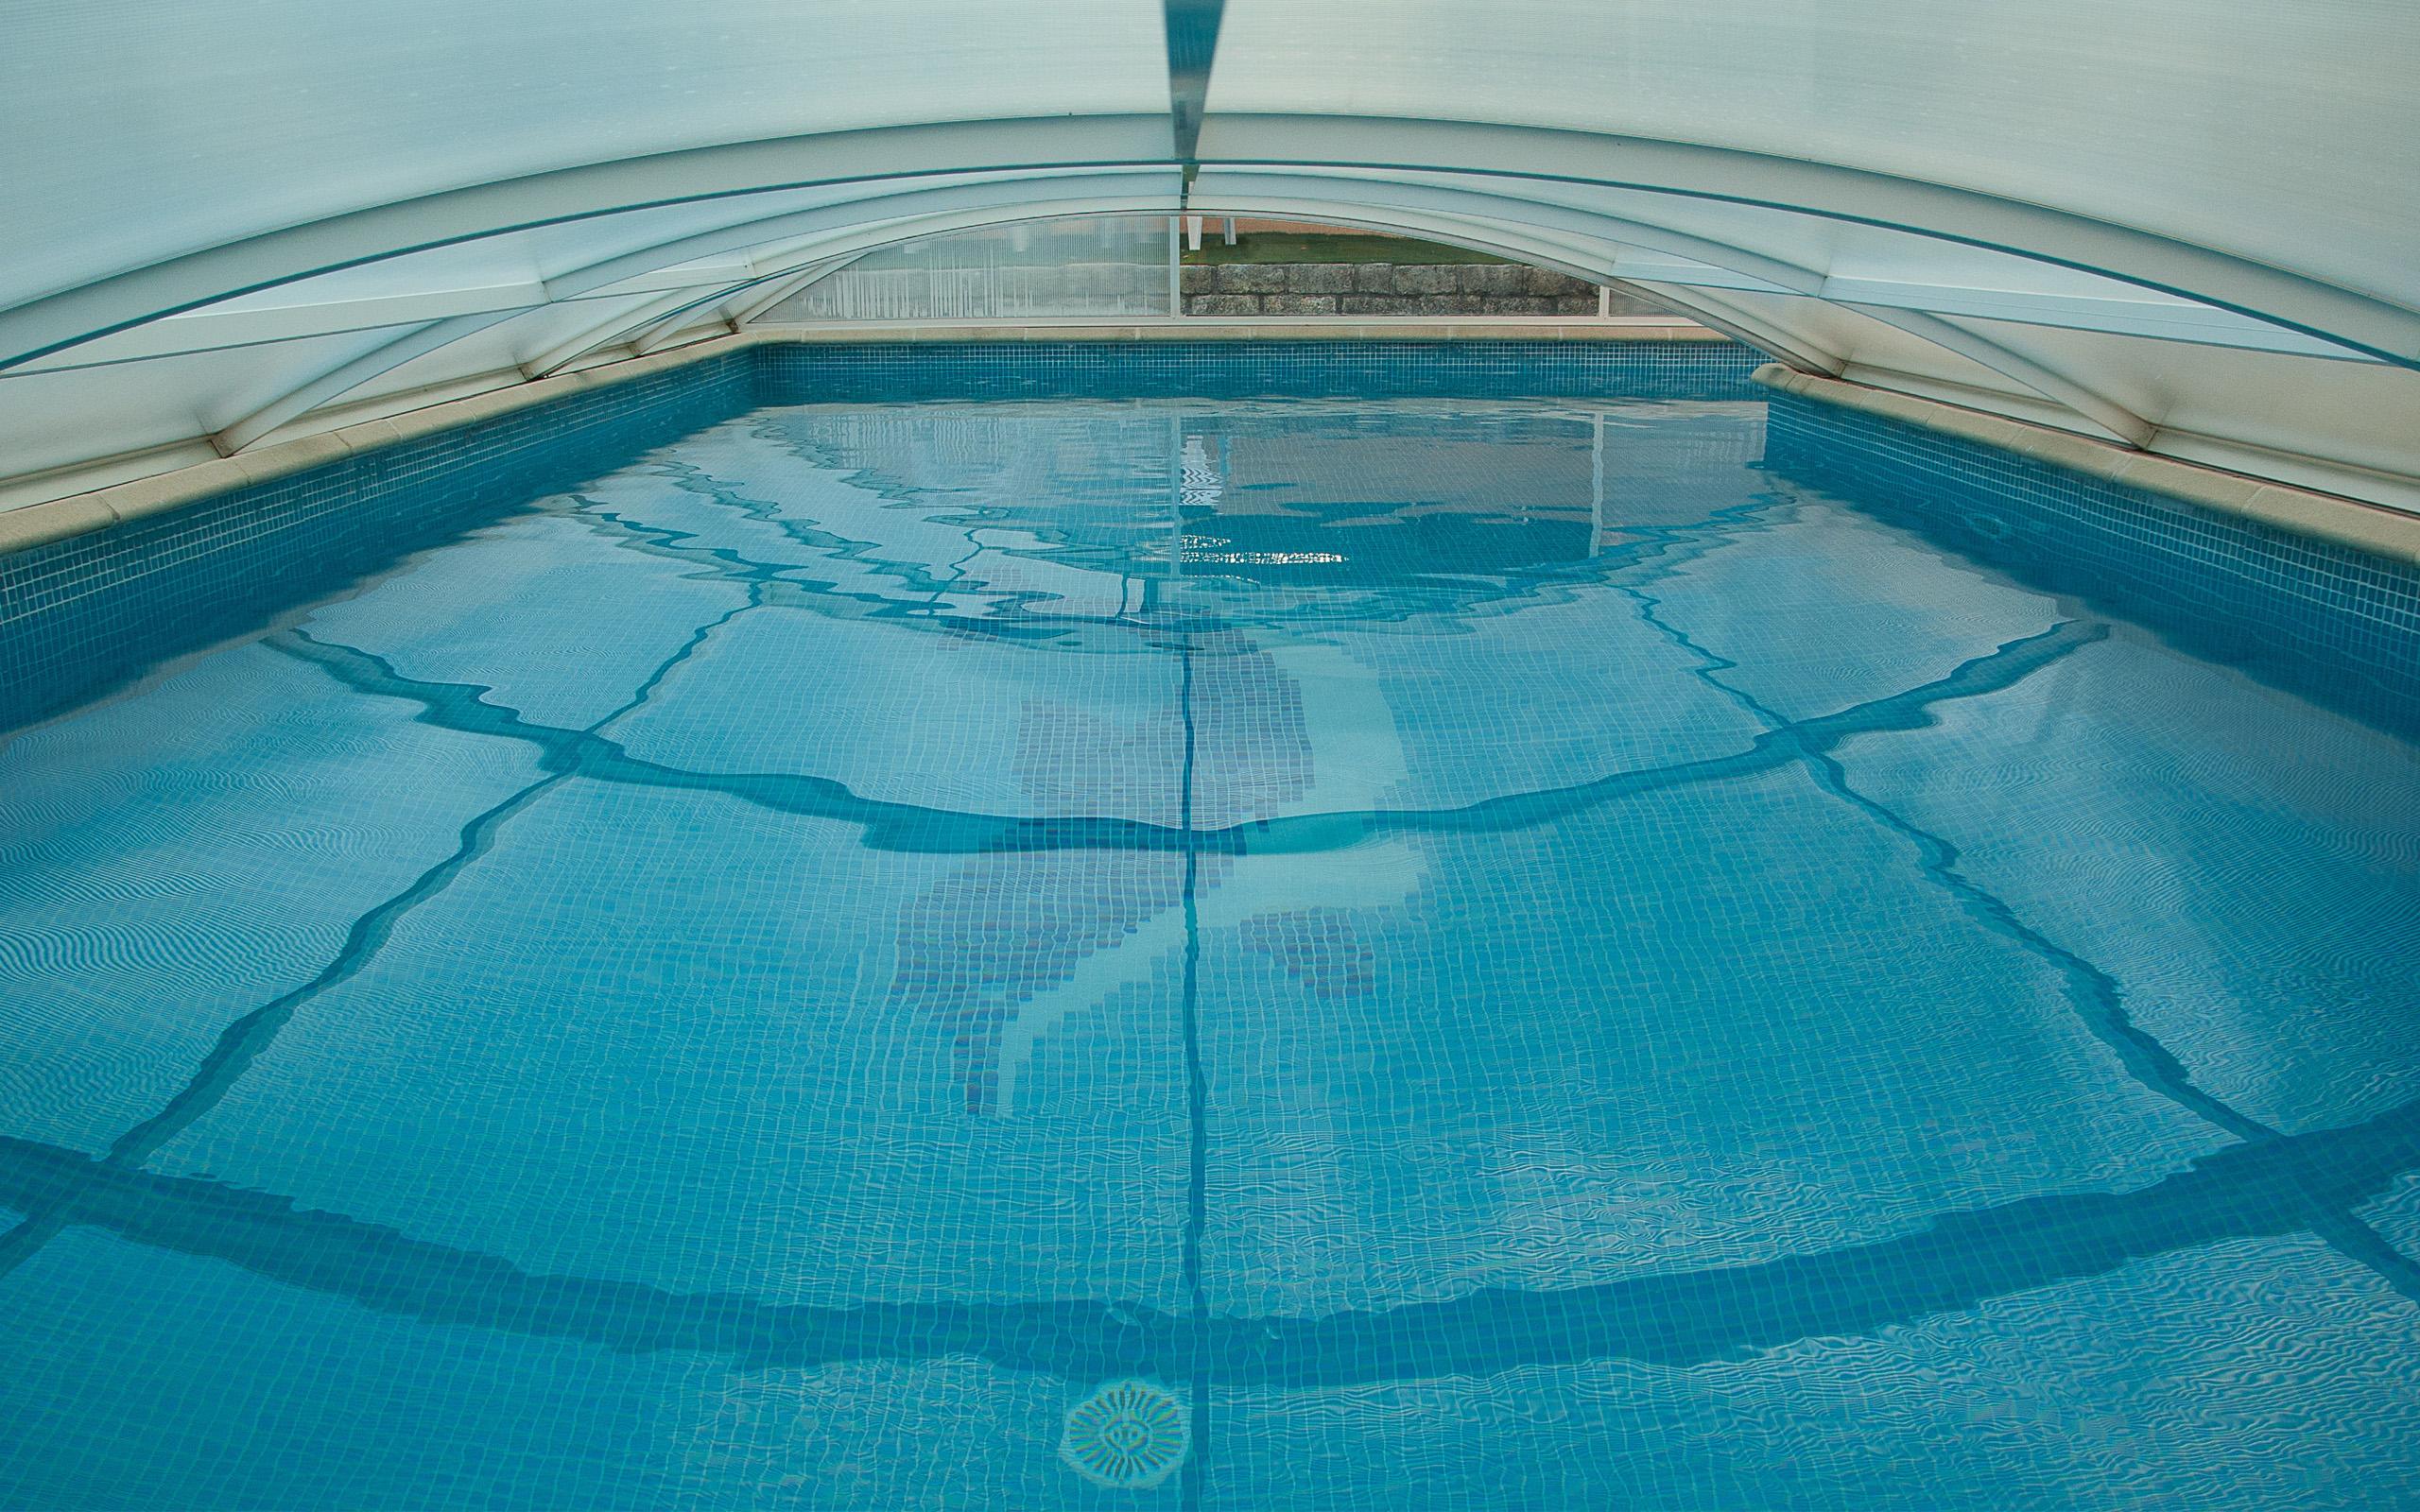 Full Size of Gfk Pool Rund Komplettset 5 M 350 Polen 4 3 5m Kaufen Mit Treppe 6m Home Schwimmbadtechnik Schalko Rundreise Kuba Und Baden Schwimmingpool Für Den Garten Wohnzimmer Gfk Pool Rund